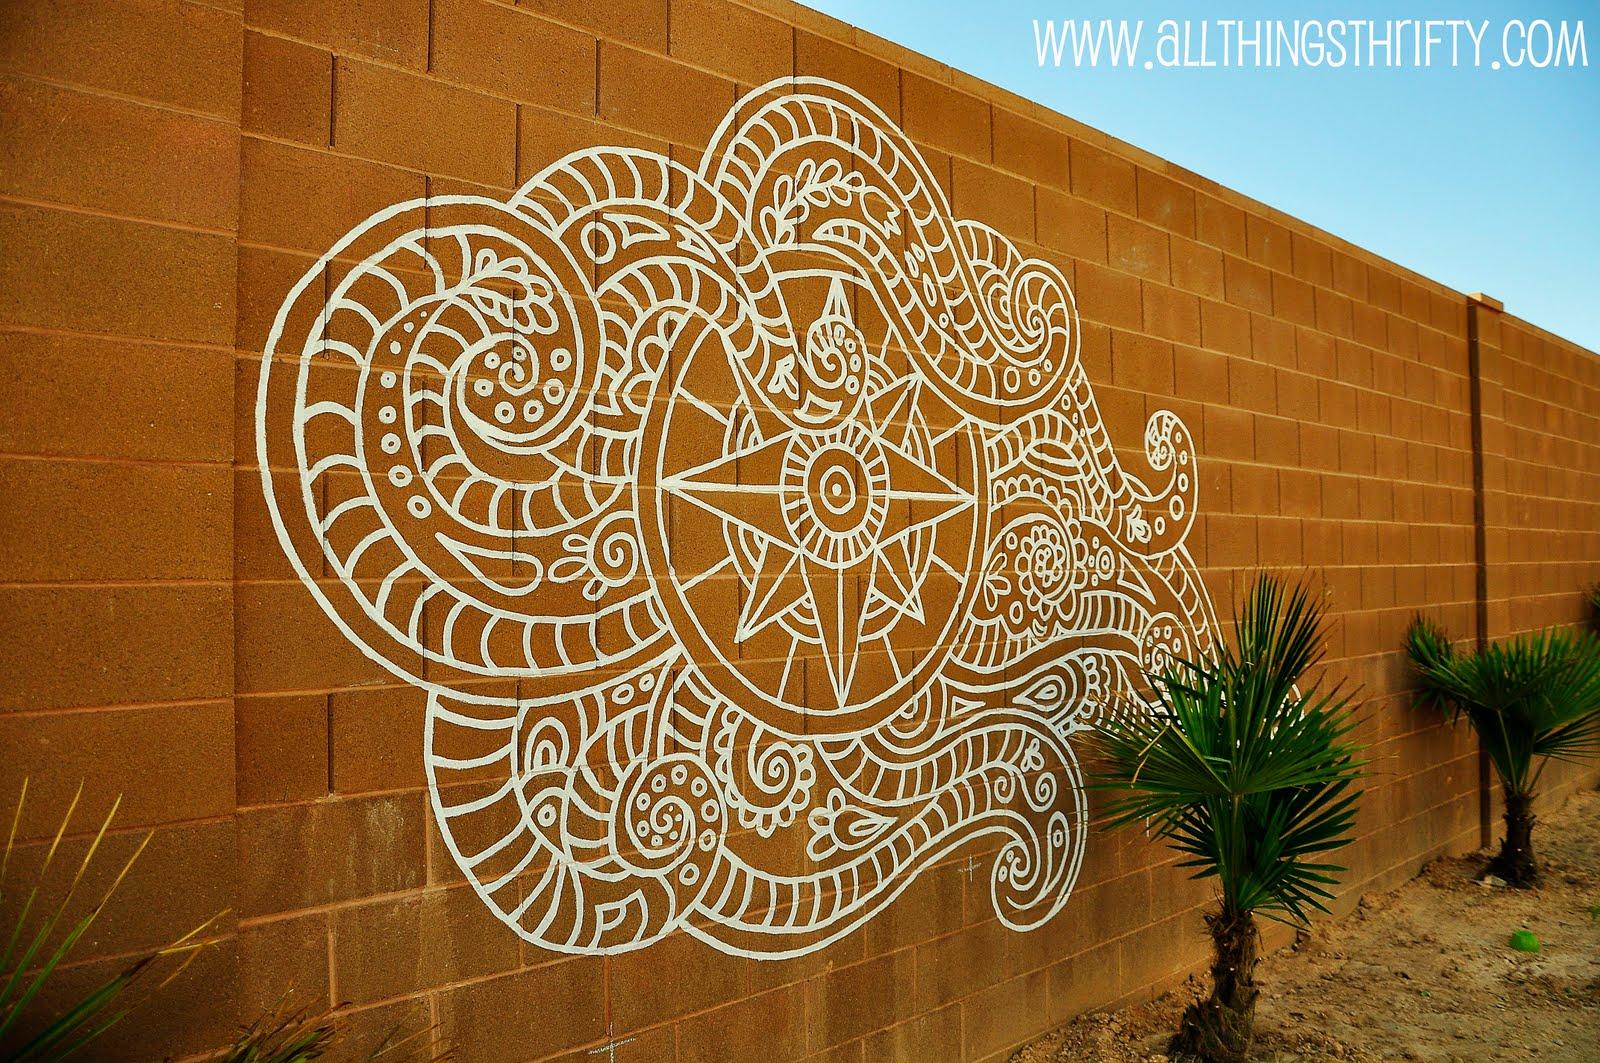 http://3.bp.blogspot.com/-S7mqBGAPCbQ/TaiVq2UB3uI/AAAAAAAAC6o/XoQiejkNdm0/s1600/outdoor%2Bdecorating%2B1.jpg